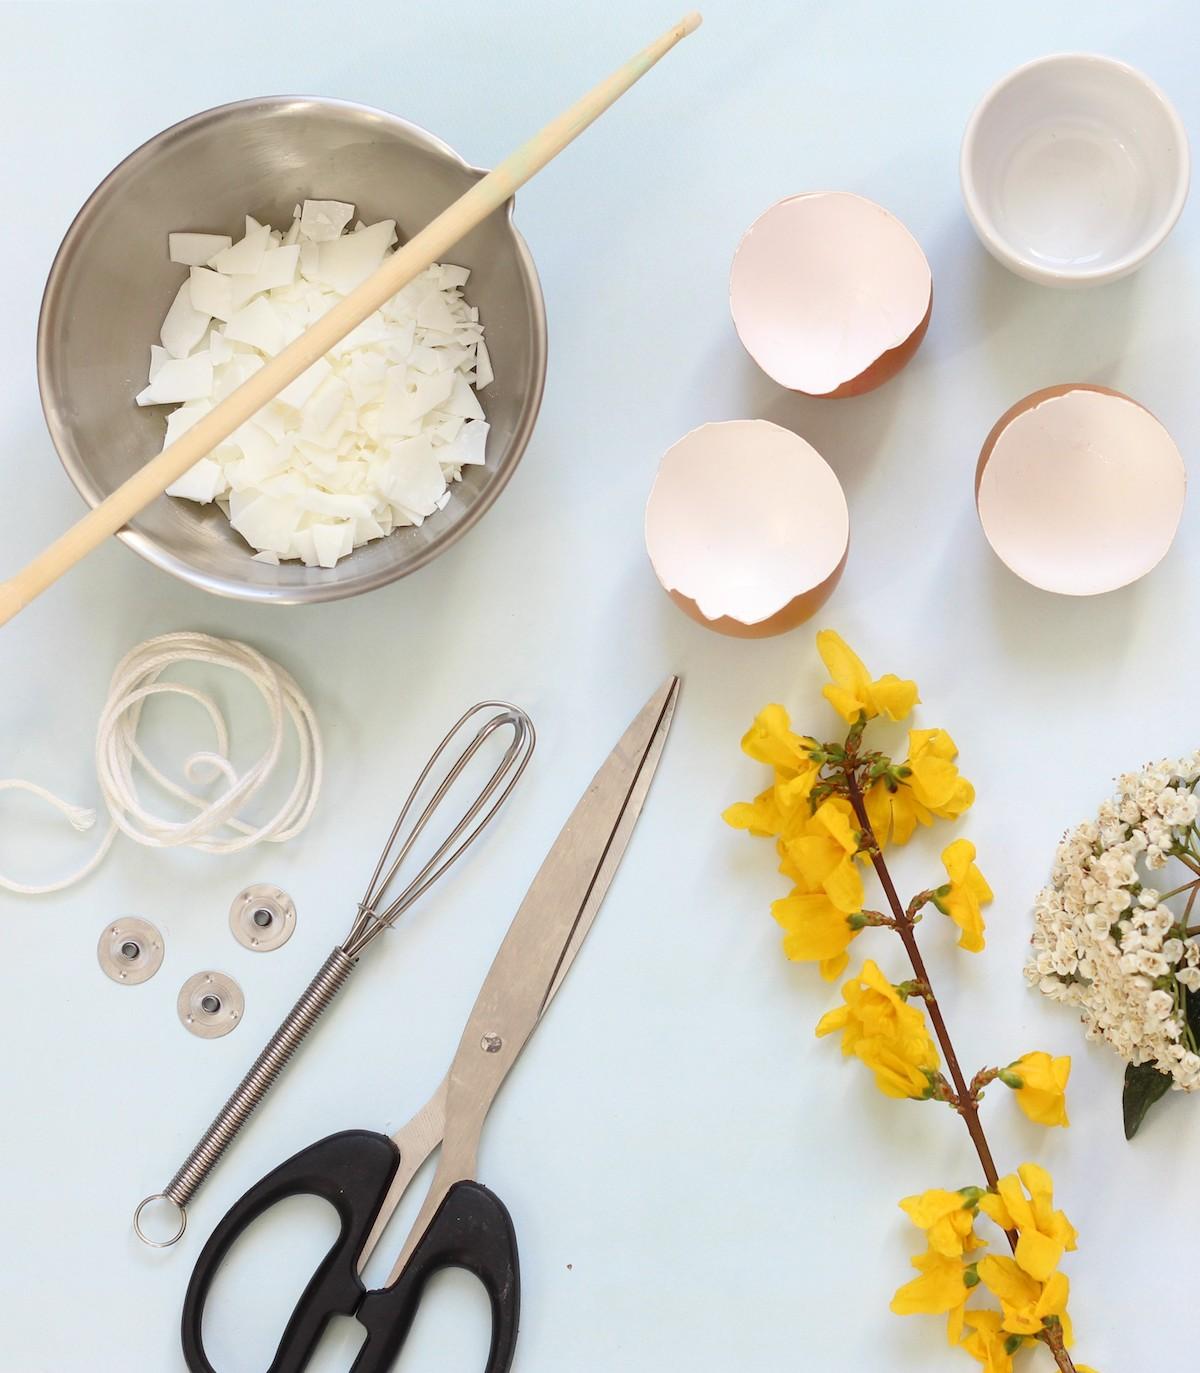 activité manuelle bougie oeuf parfumée upcycling décoration